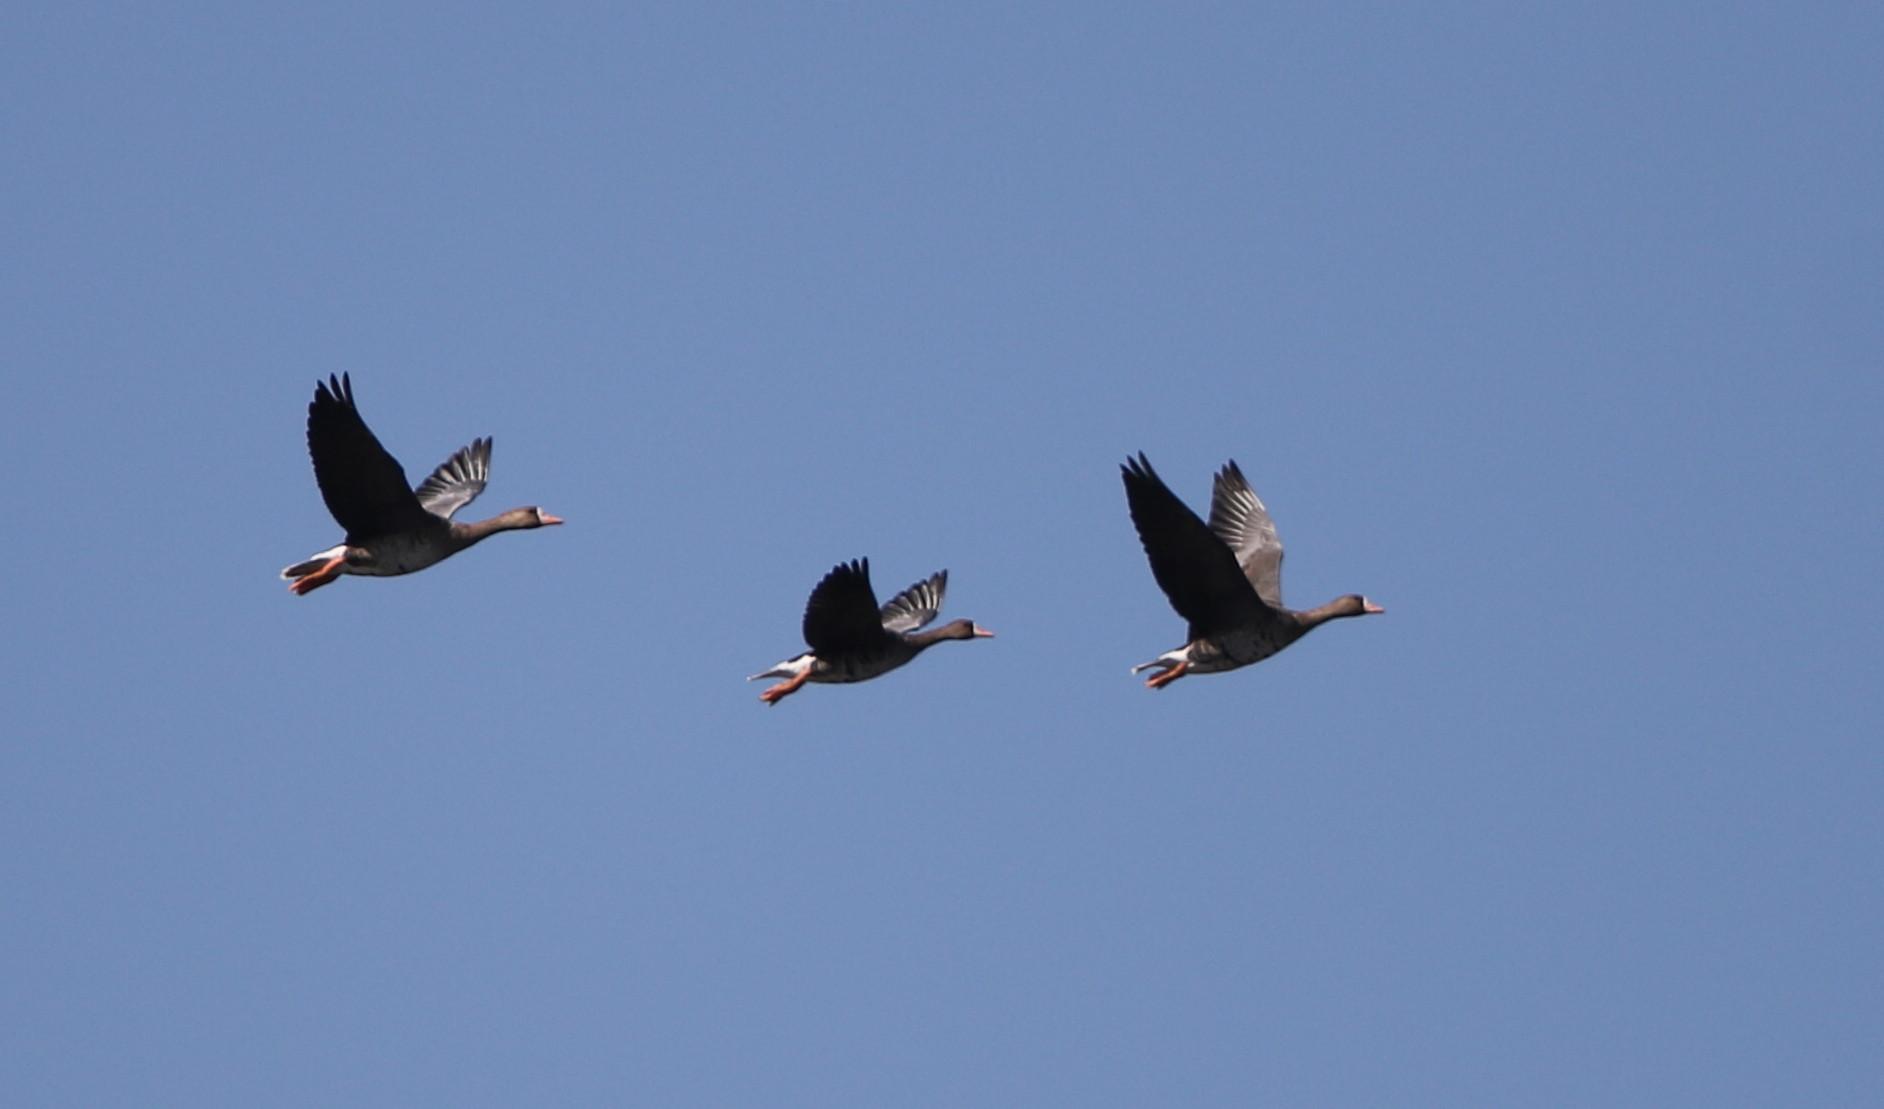 MFの沼へマガンが3羽飛来上空を旋回し飛び去る_f0239515_17285771.jpg